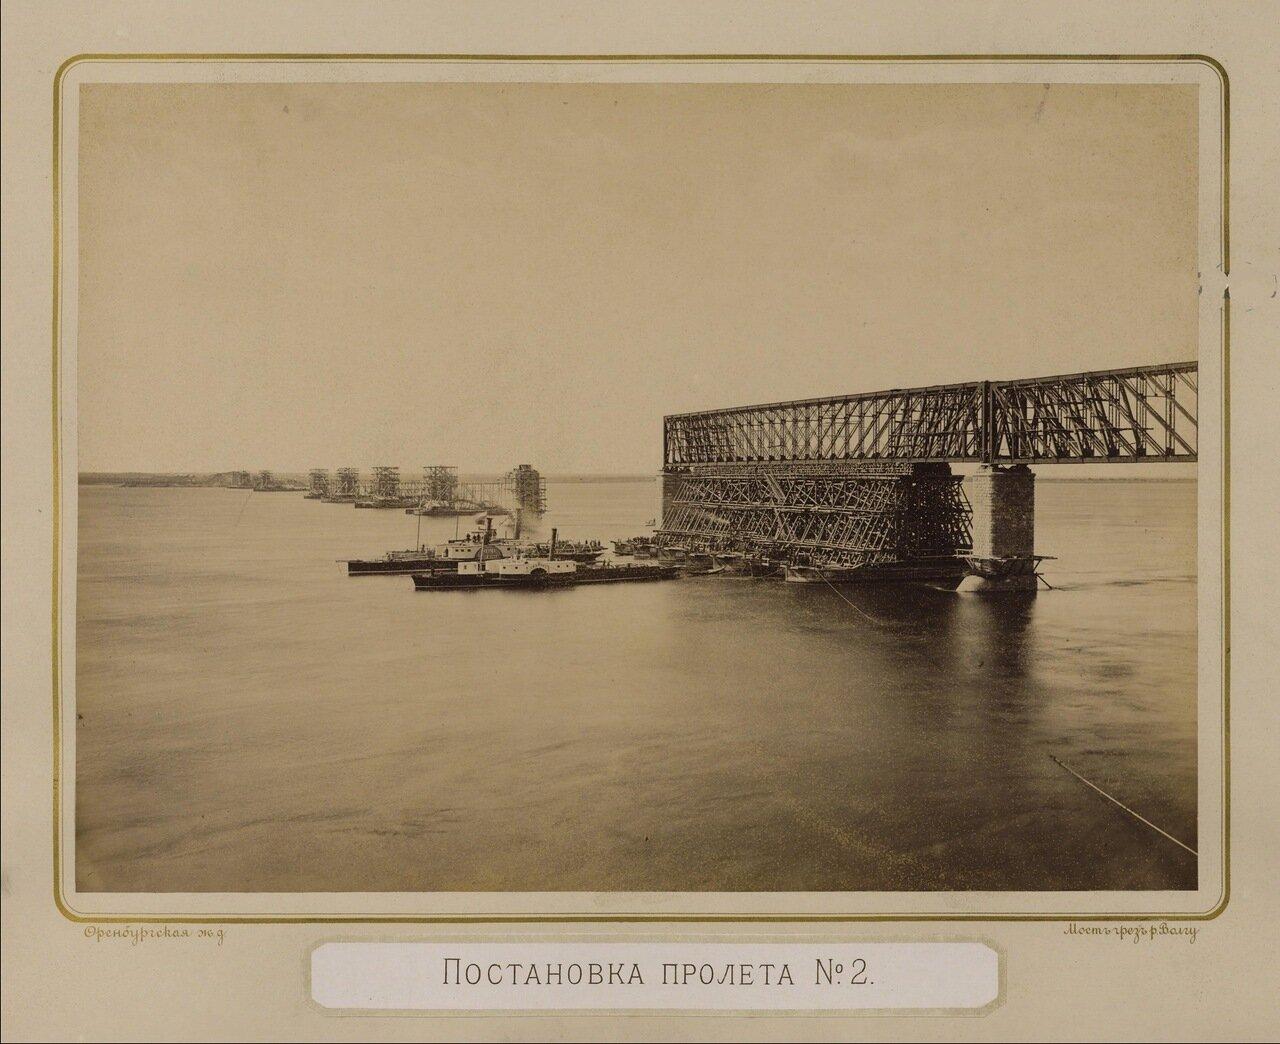 Постановка пролета № 2 Мост через Волгу. Оренбургская железная дорога